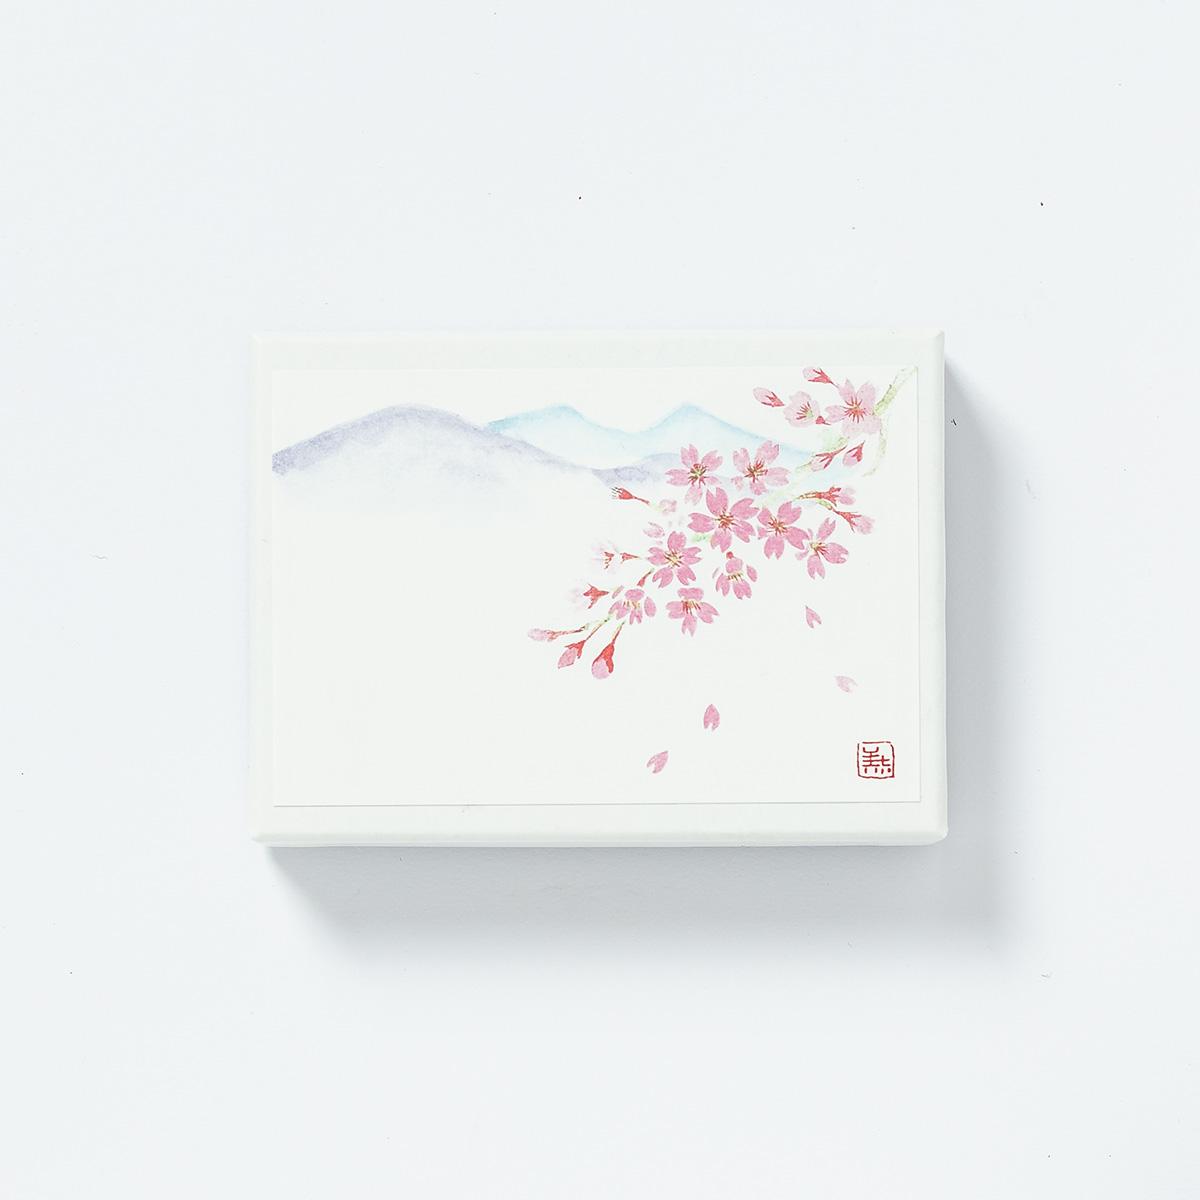 源氏物語ハンディメモ 5帖「若紫」